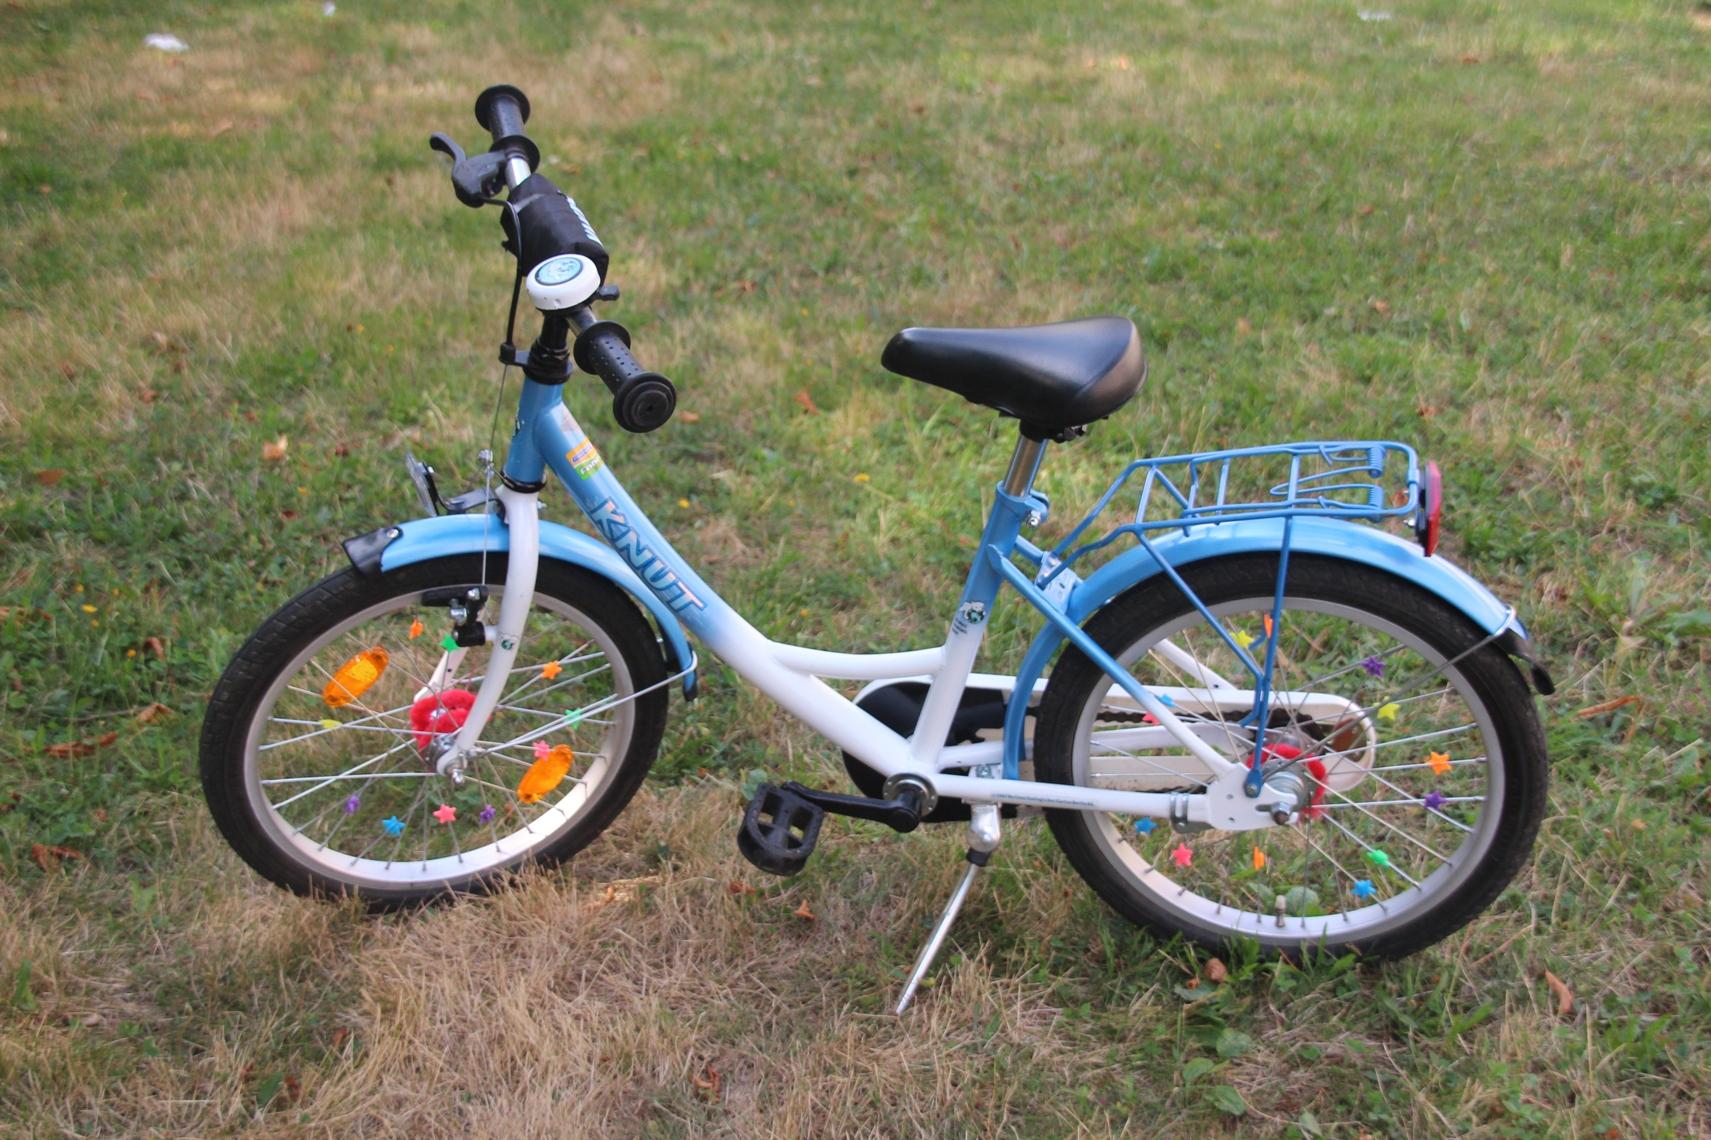 kinder fahrrad knut d eisb r 18 speichenverzierungen aufprallschutz handbremse ebay. Black Bedroom Furniture Sets. Home Design Ideas